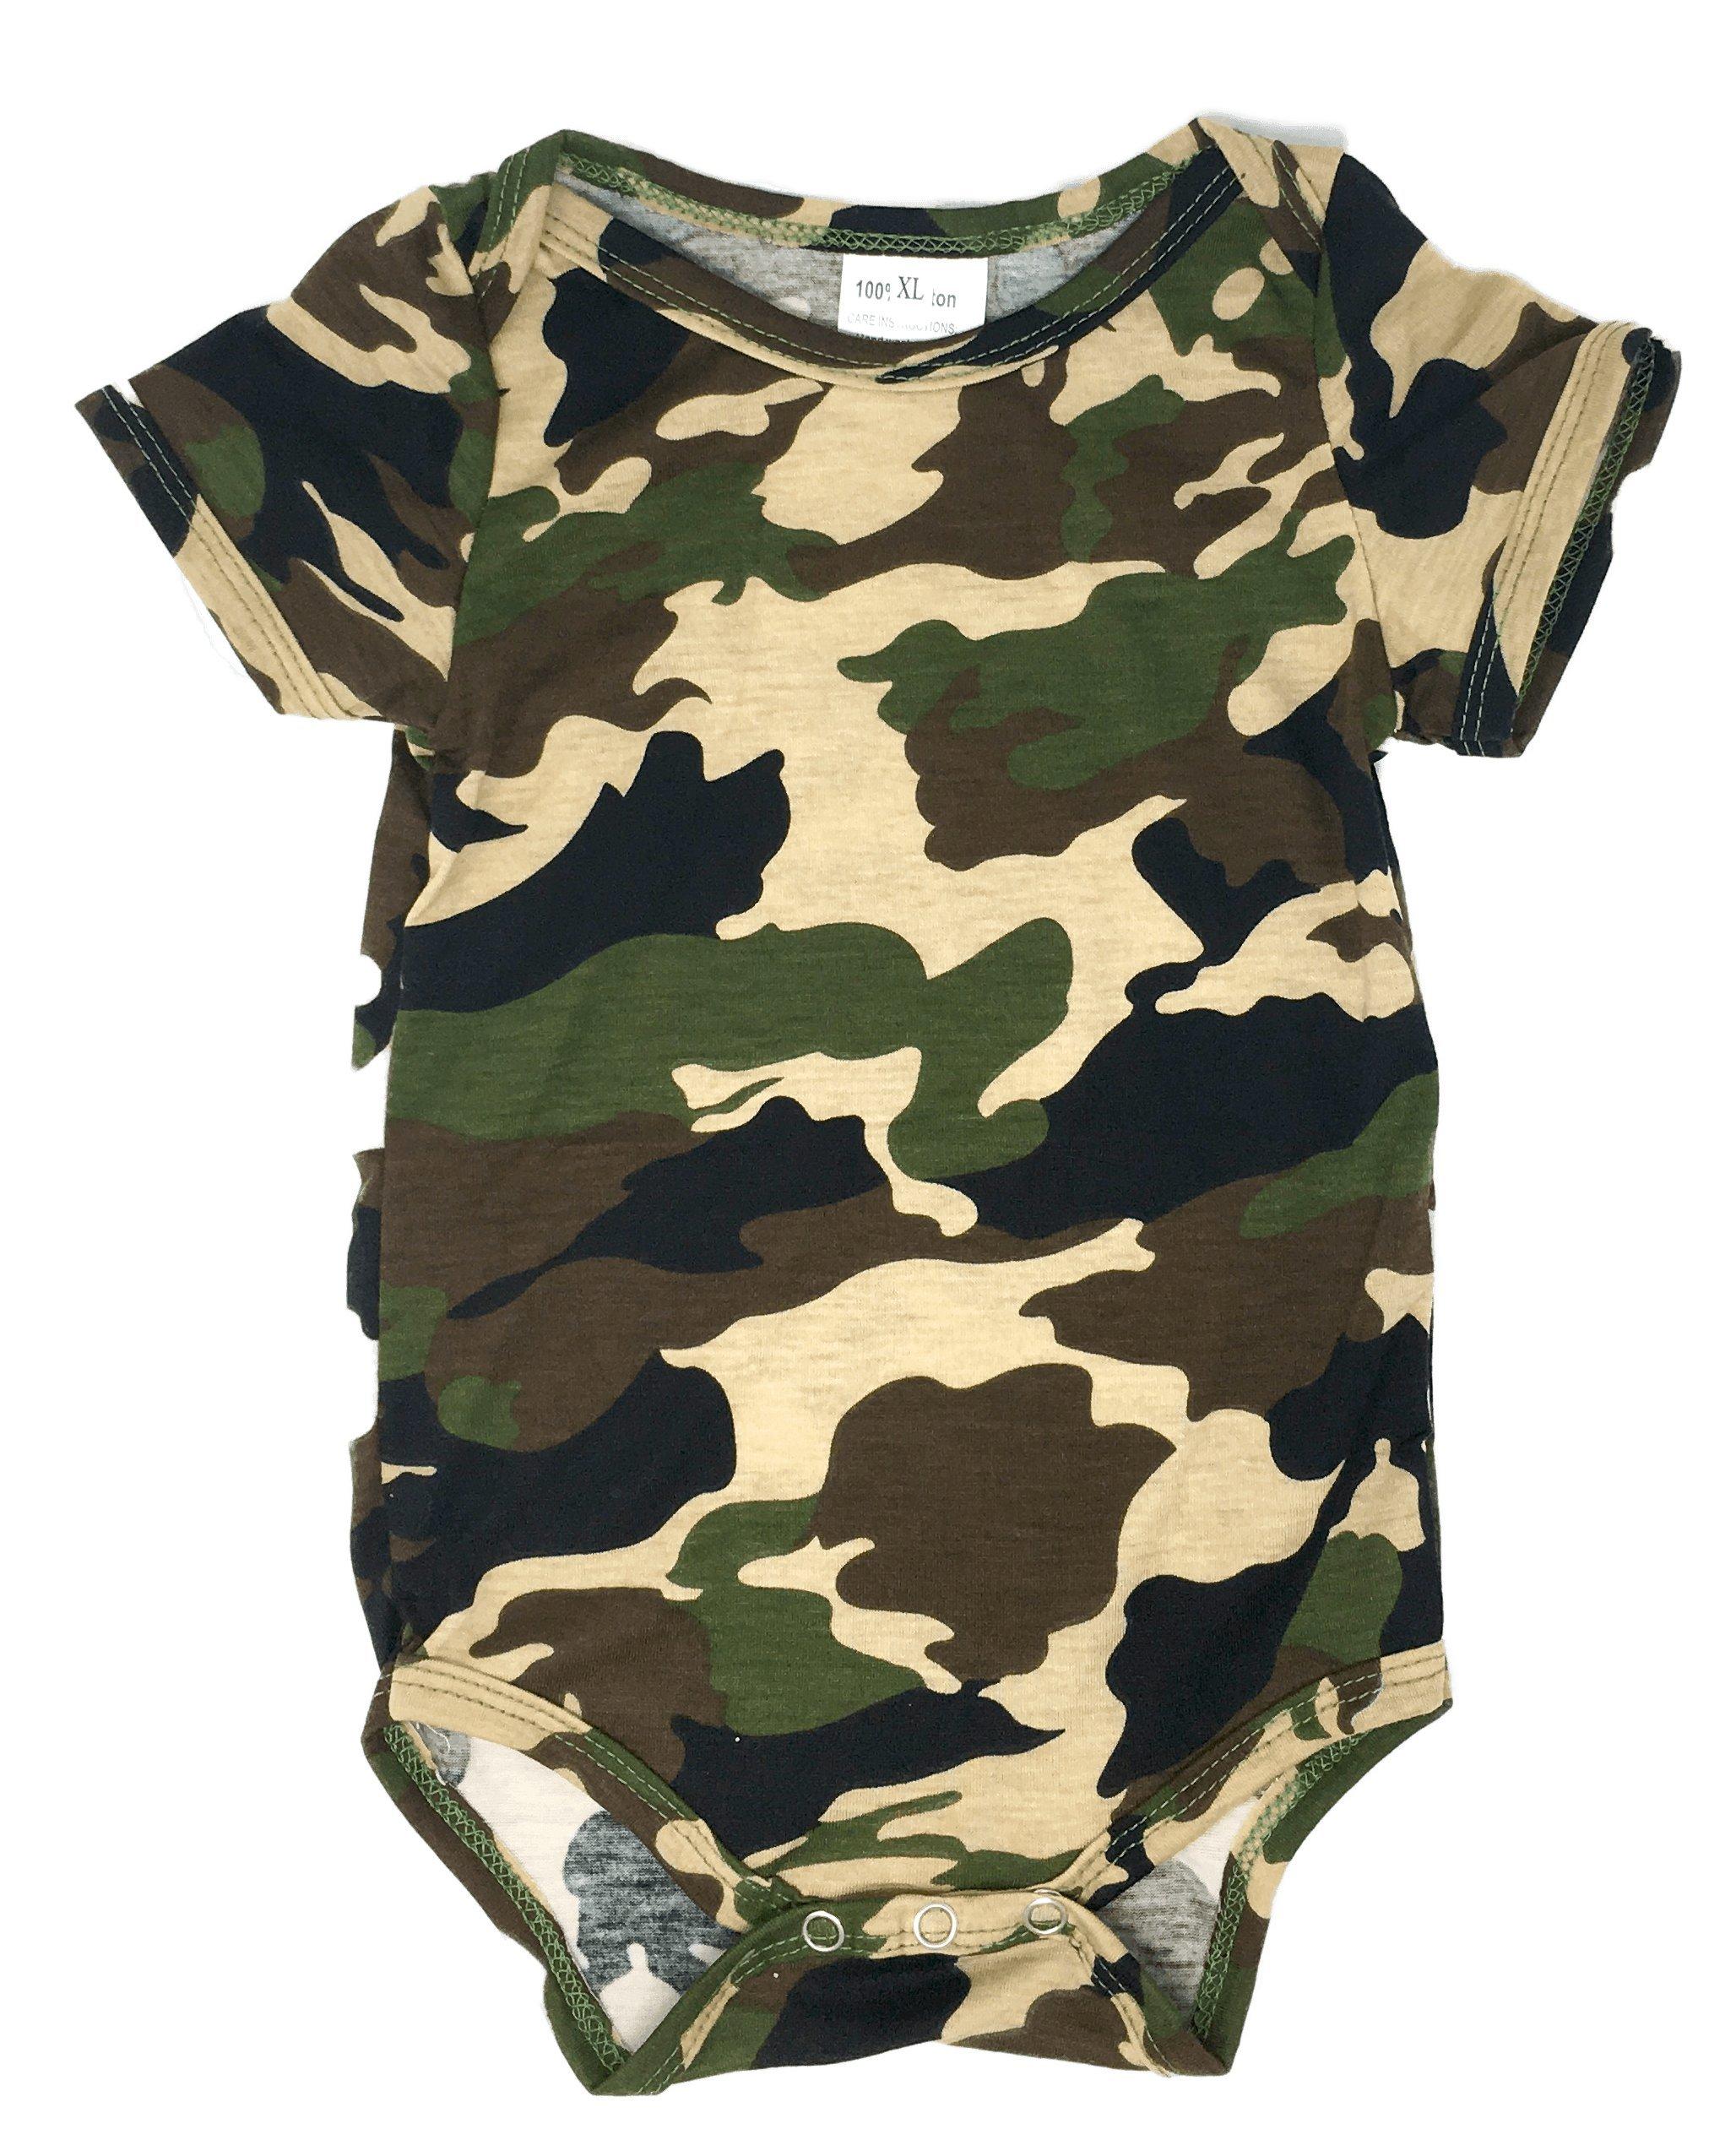 Newborn Camouflage Baby Bodysuit 0-3 Months Onesie, Desert Green Camouflage)